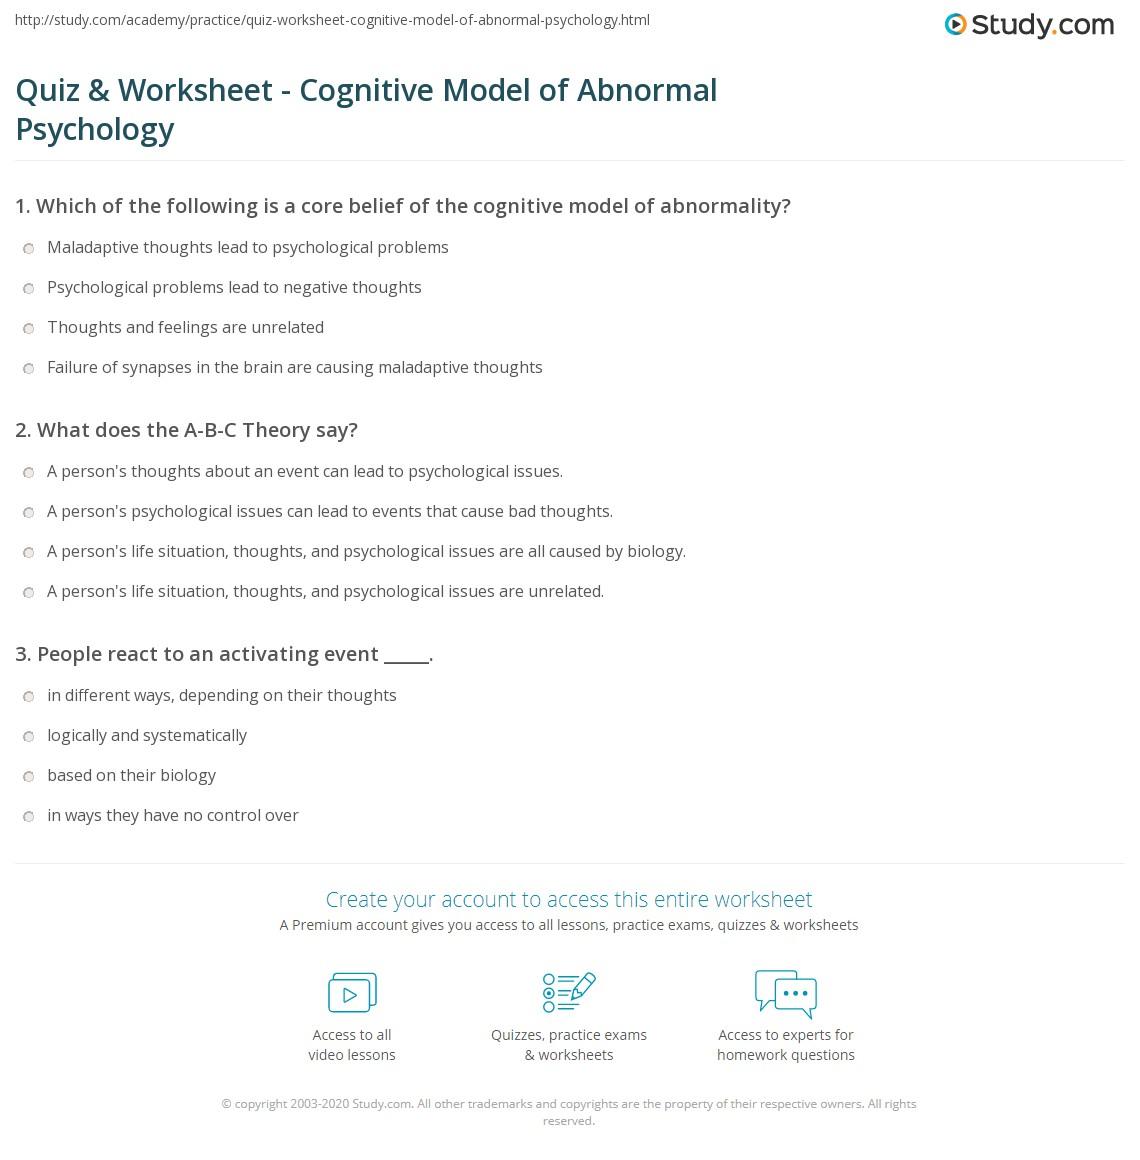 Quiz Worksheet Cognitive Model Of Abnormal Psychology Study Com